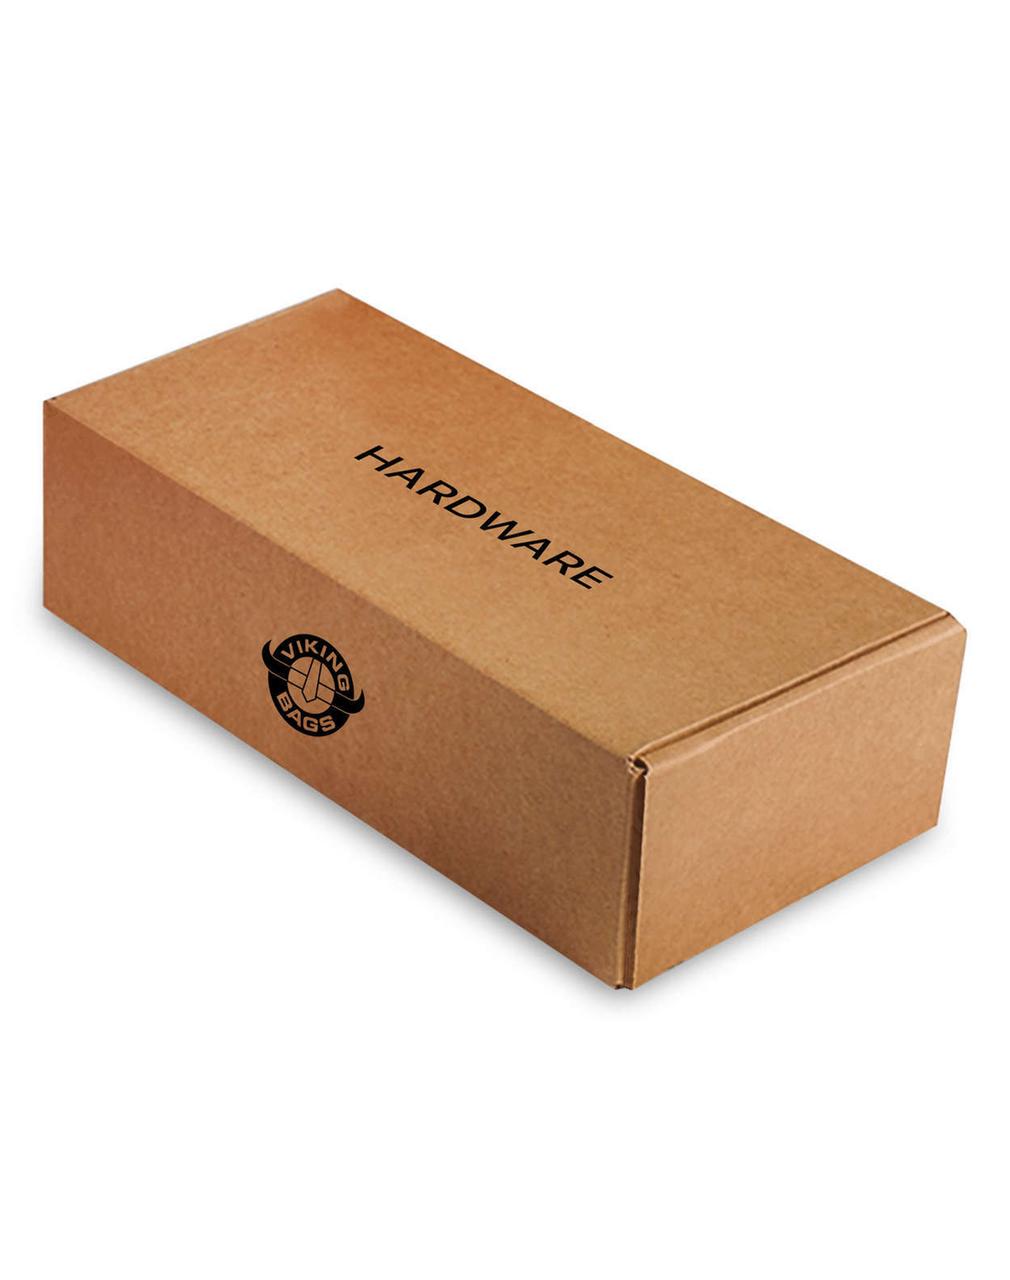 Honda Magna 750 Spear Shock Cutout Motorcycle Saddlebags box